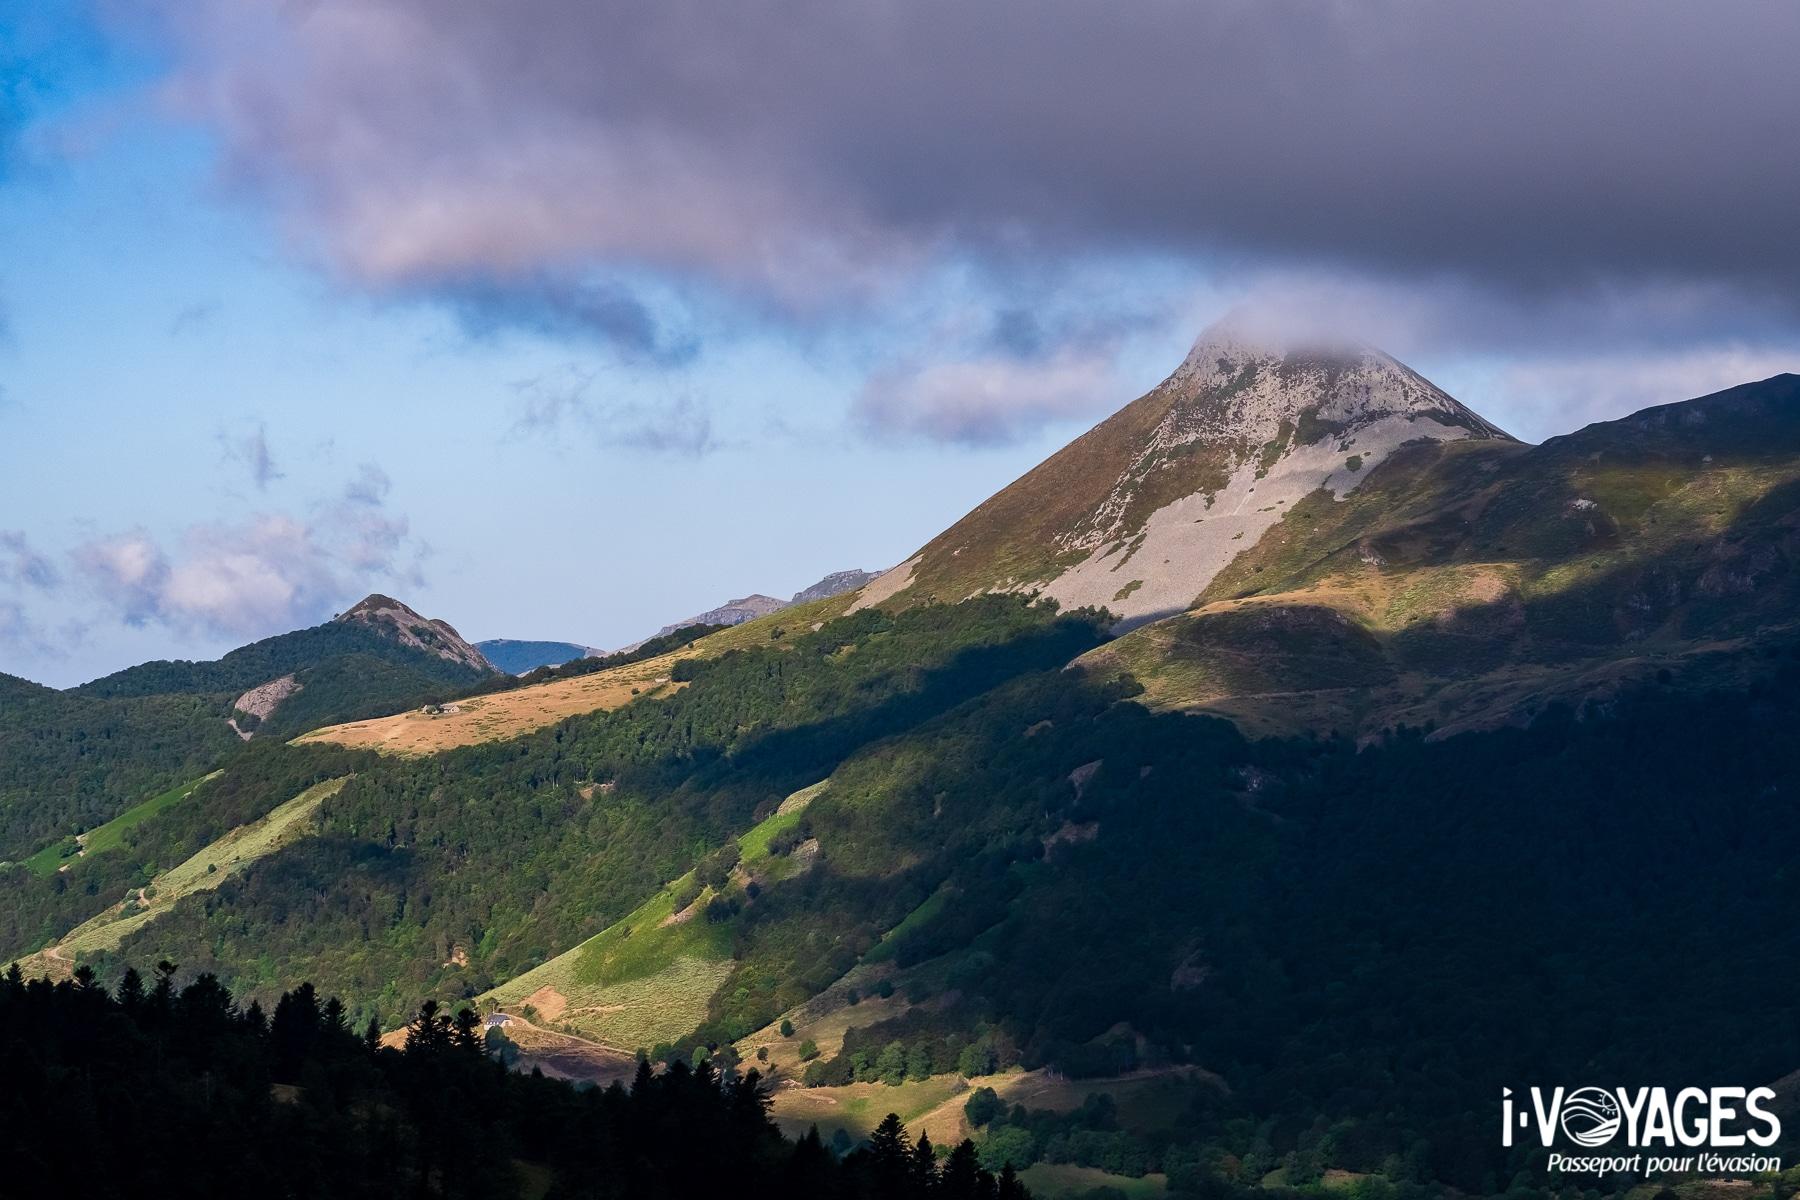 Volcan du Cantal